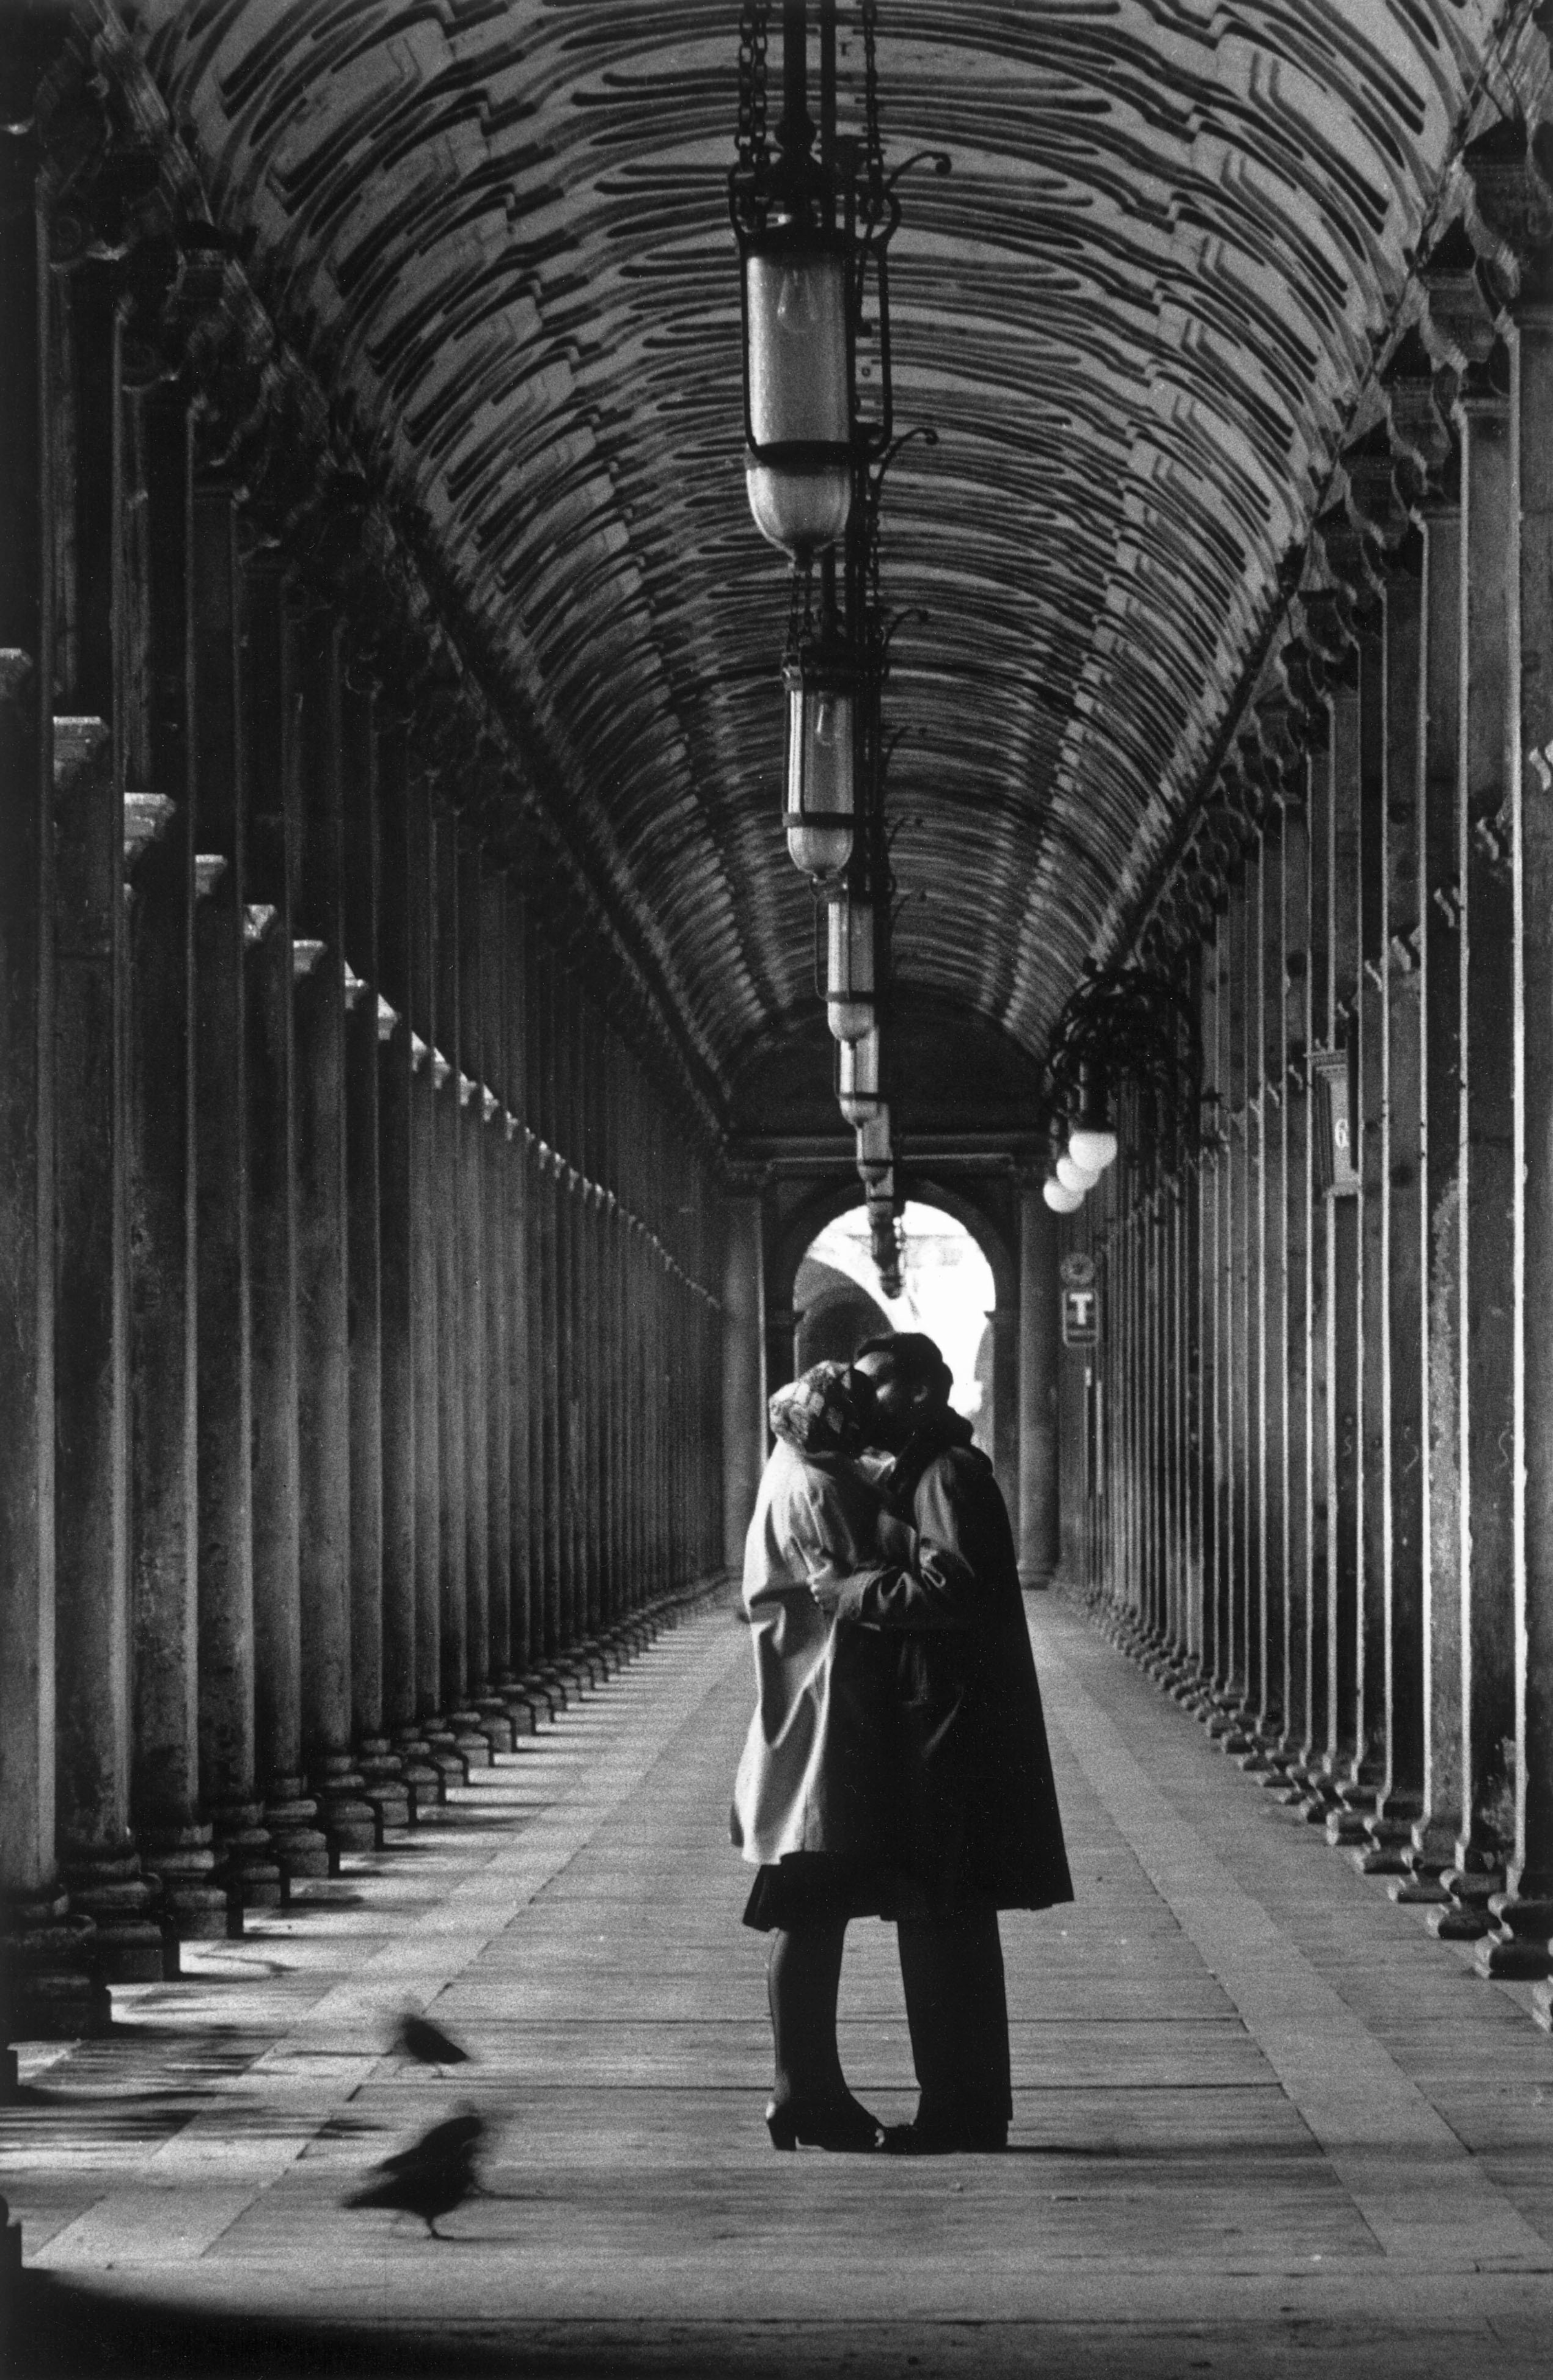 Gianni Berengo Gardin Venezia 1959_Piazza San Marco  © Gianni Berengo Gardin/Contrasto.